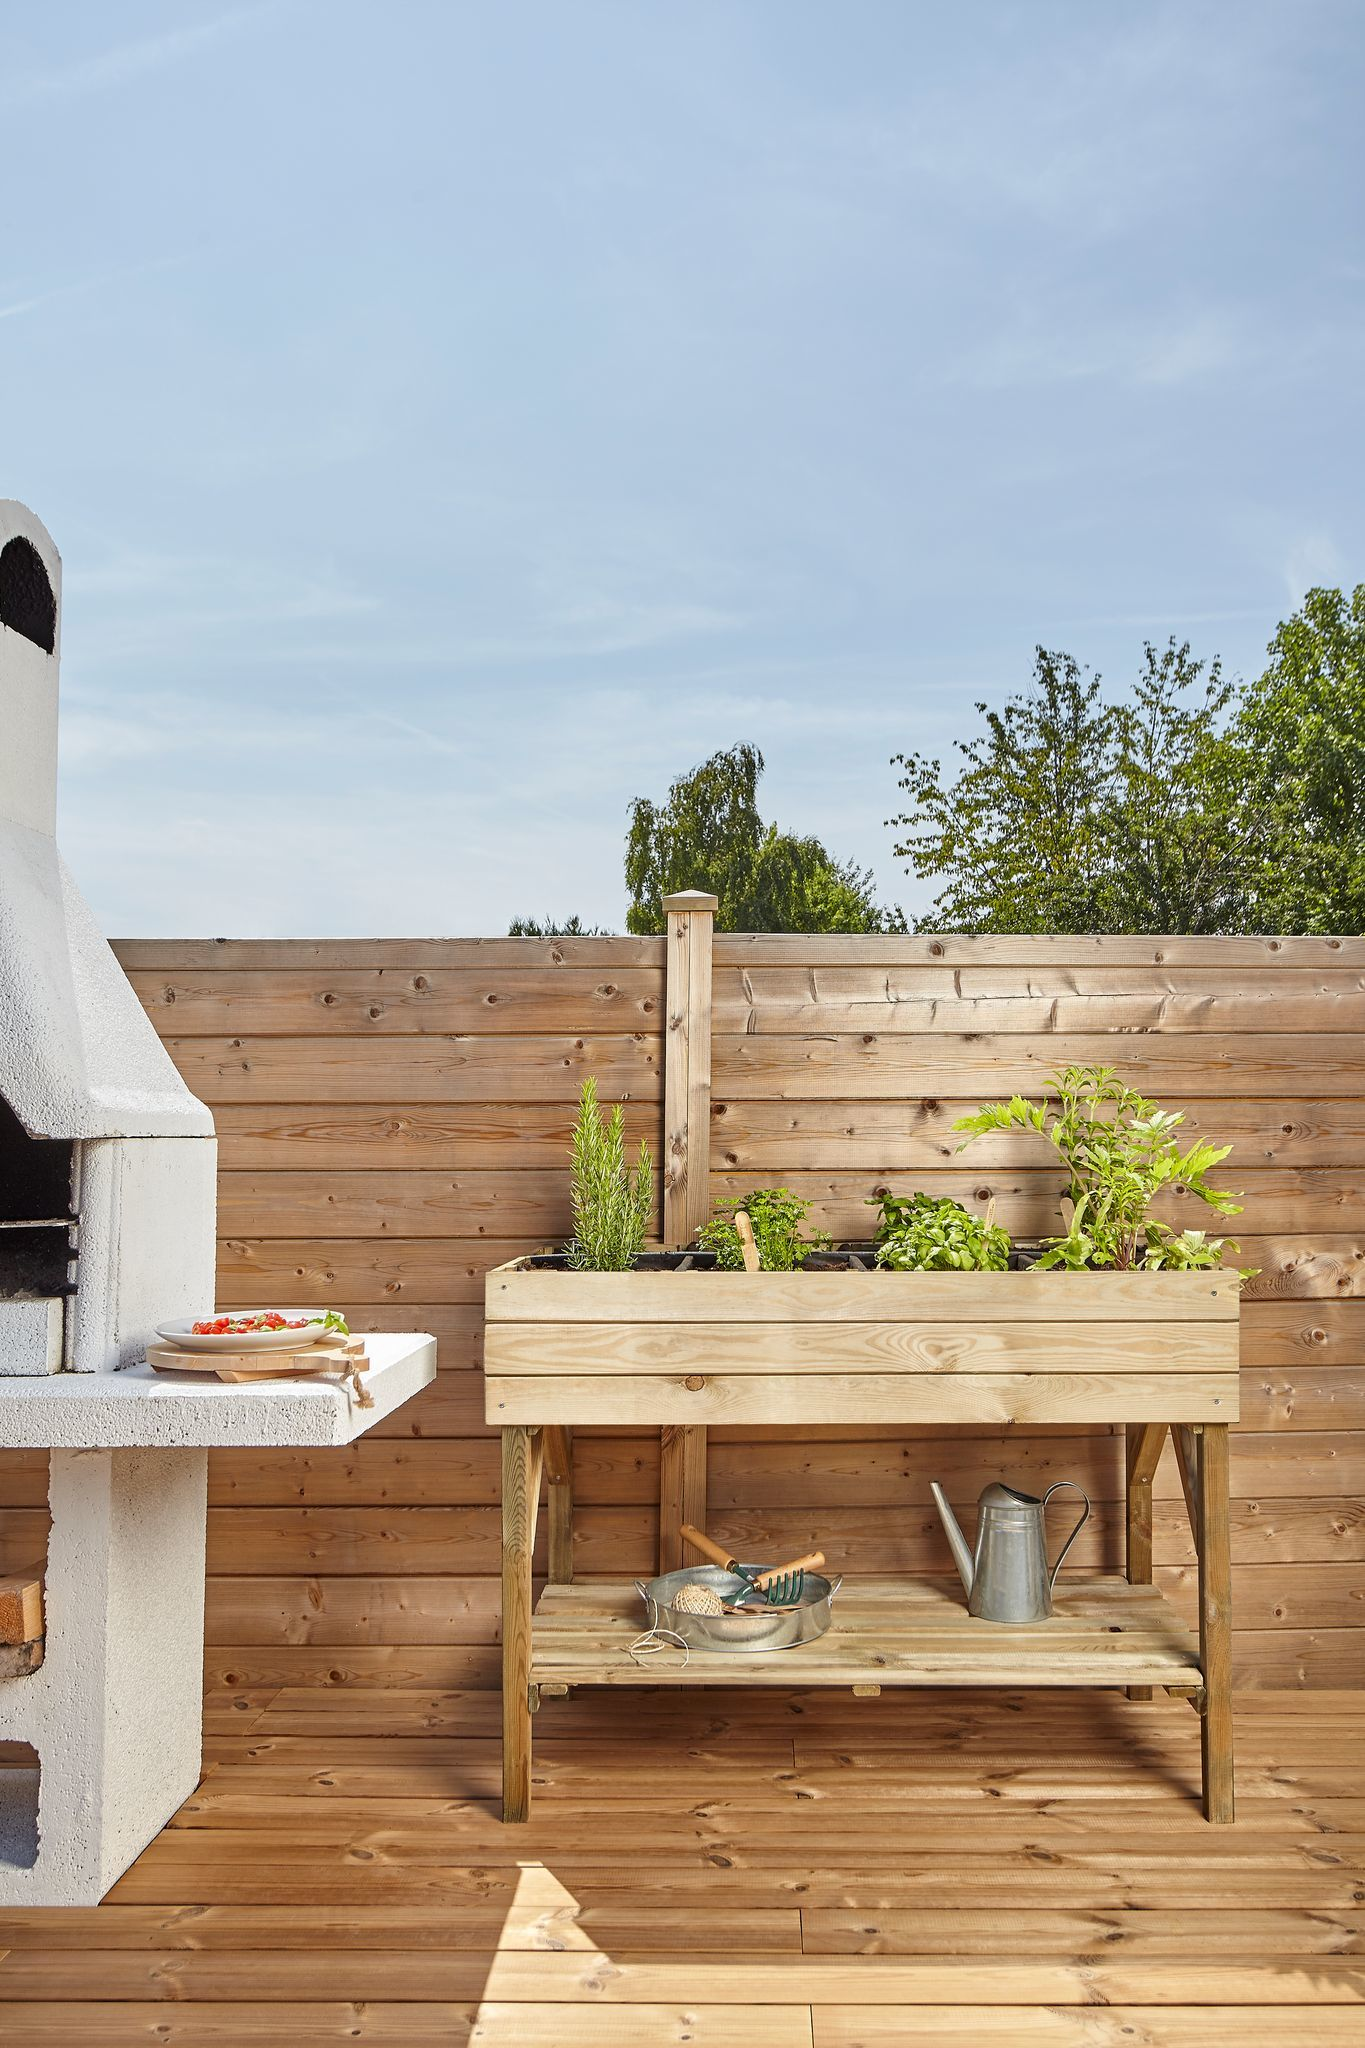 12 -The timeless wooden vegetable garden